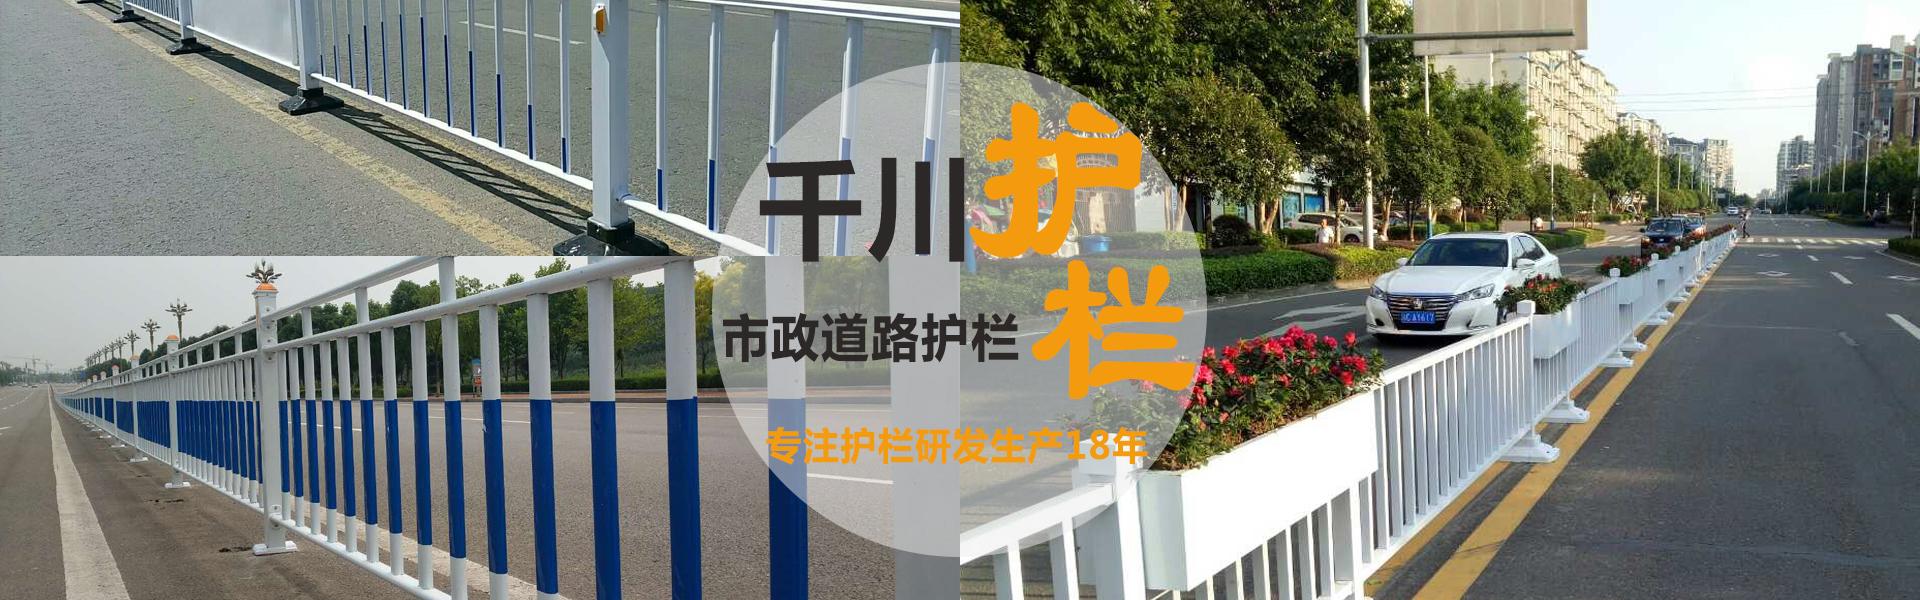 千川护栏 专注护栏研发生产十八年